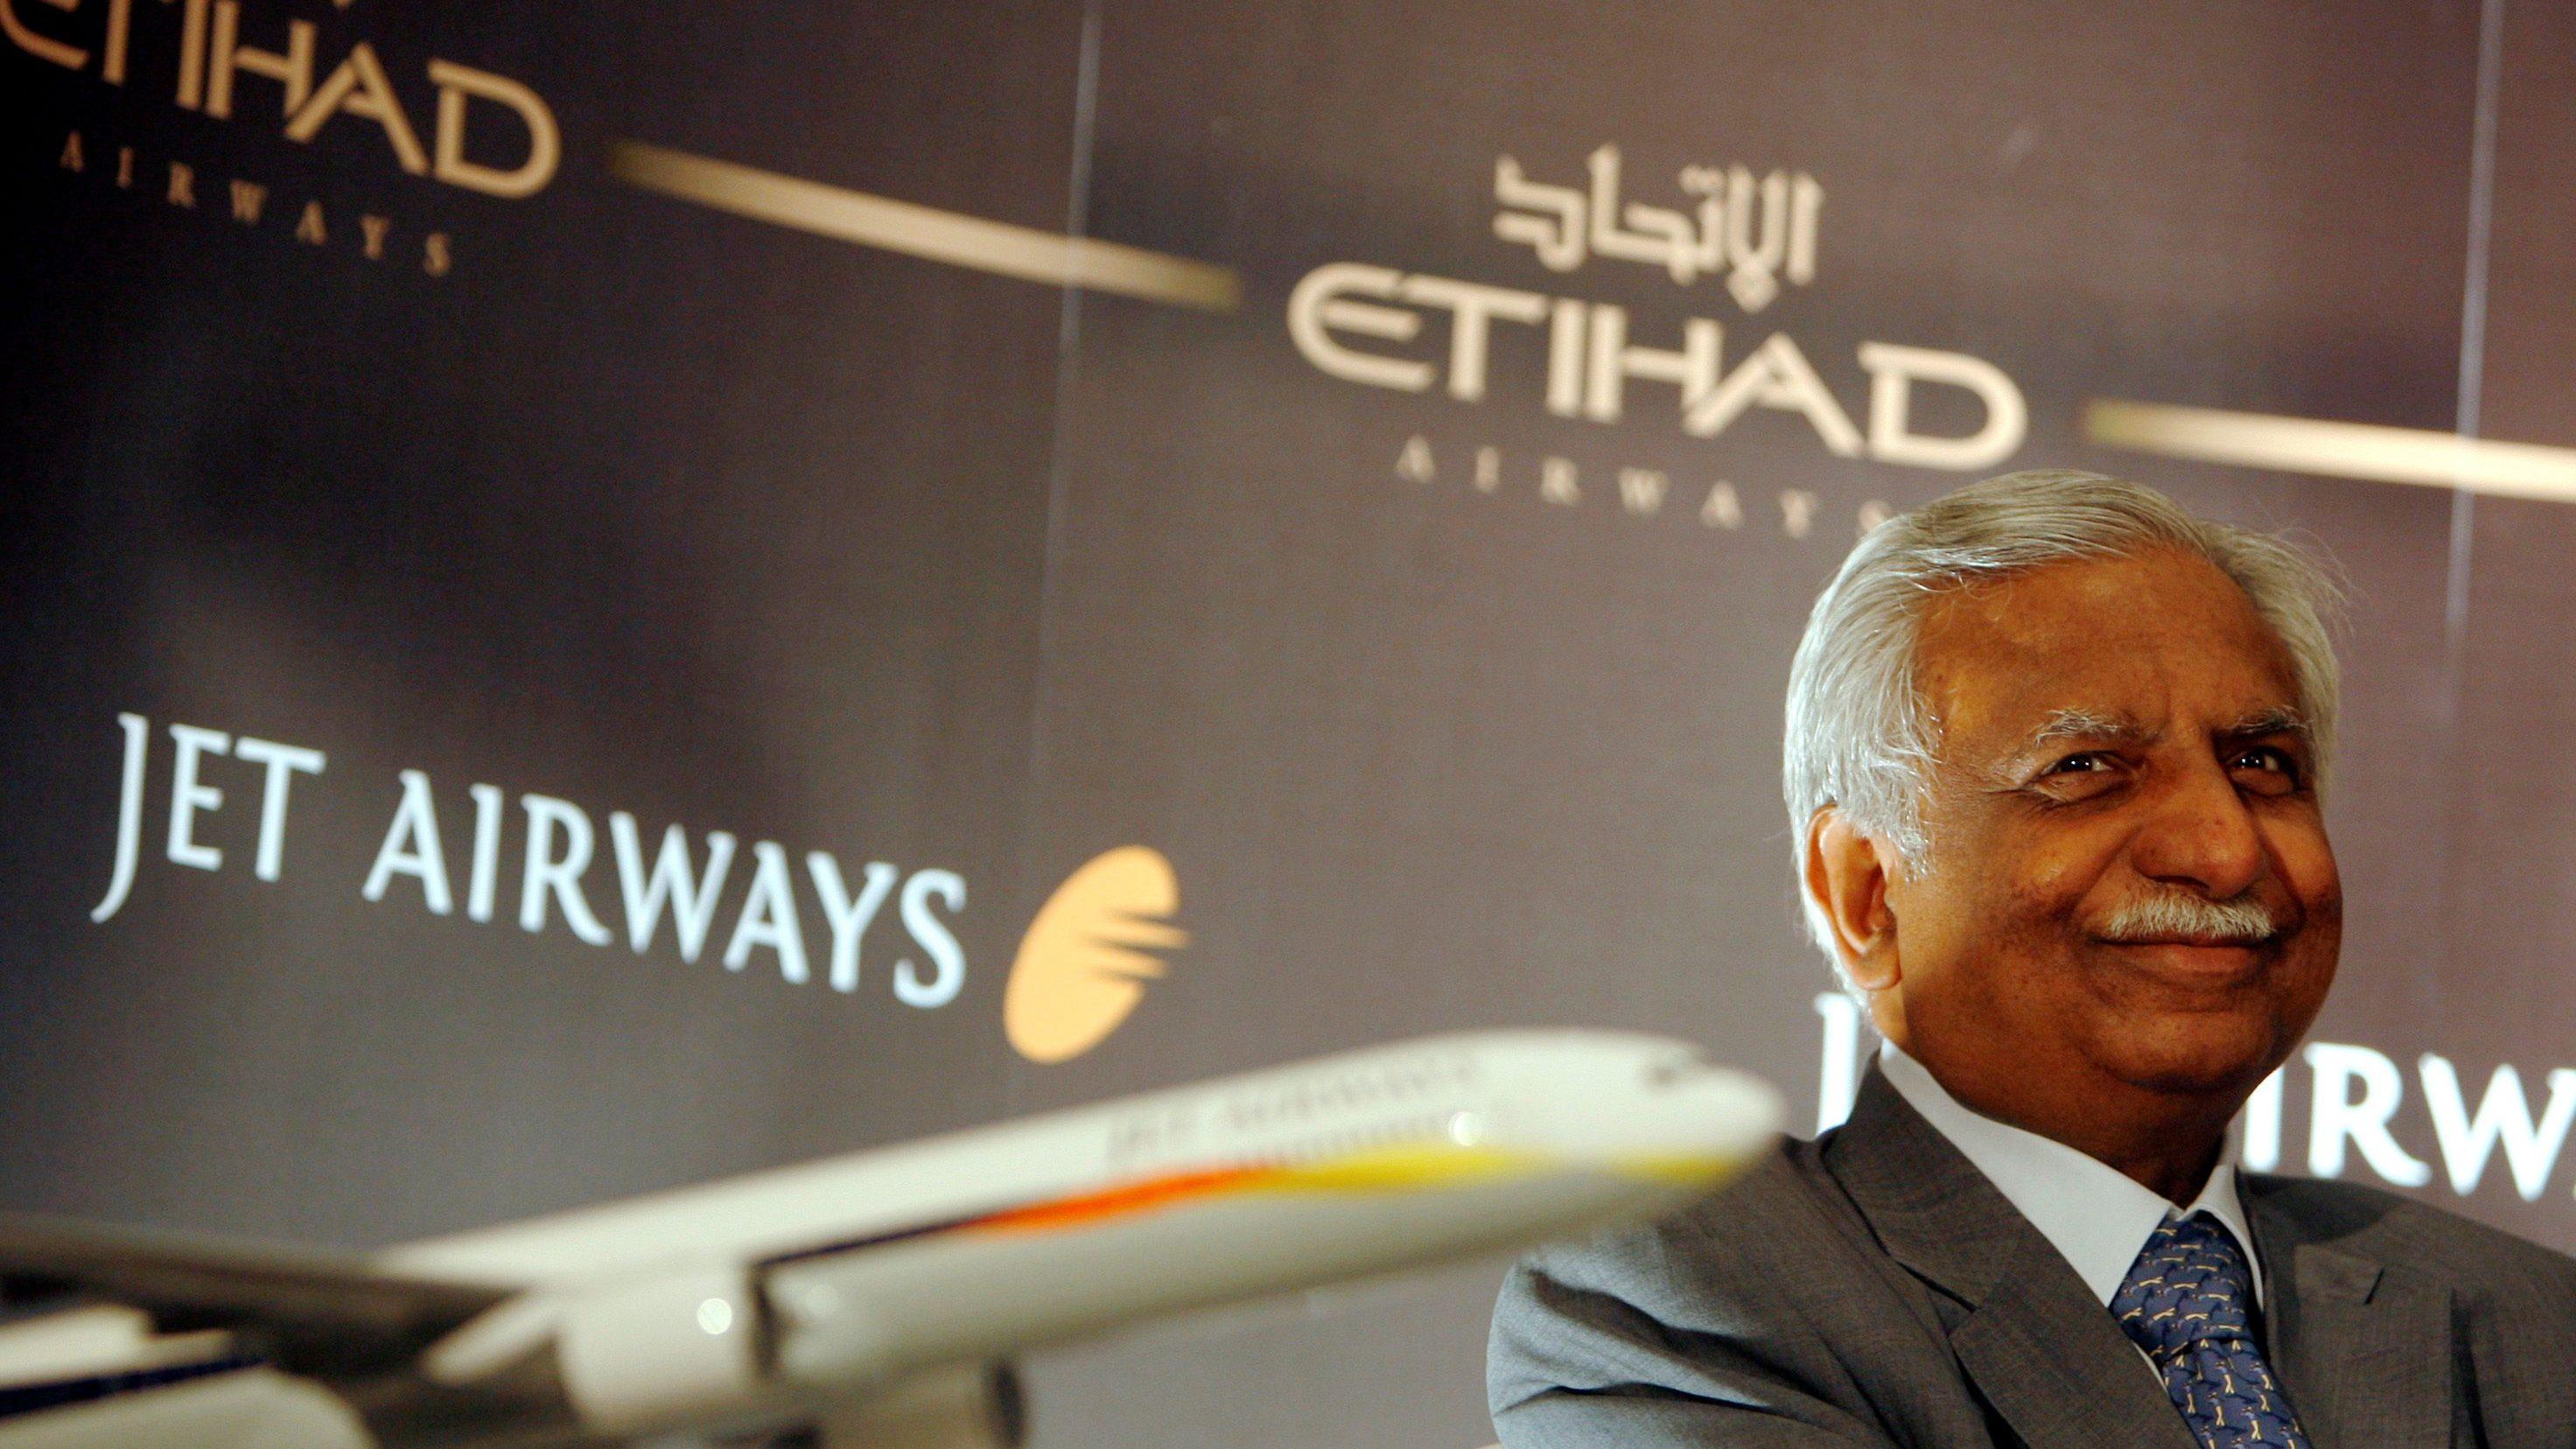 jet-airways-emirates-india